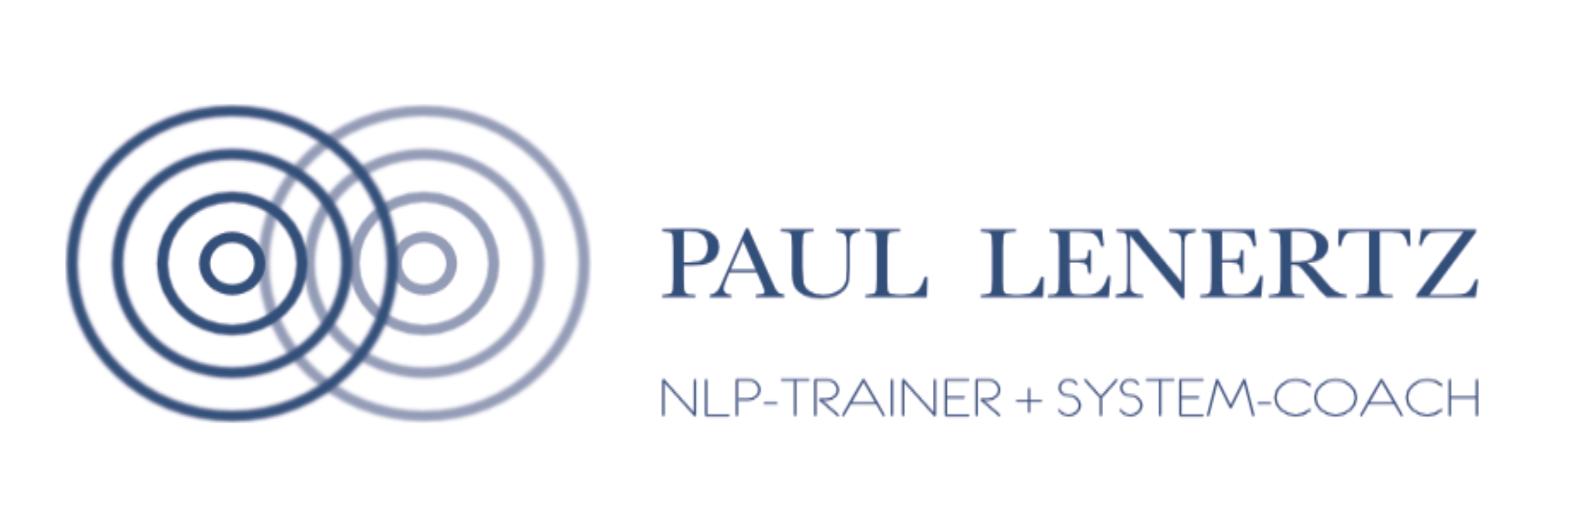 Paullenertz-coaching.de